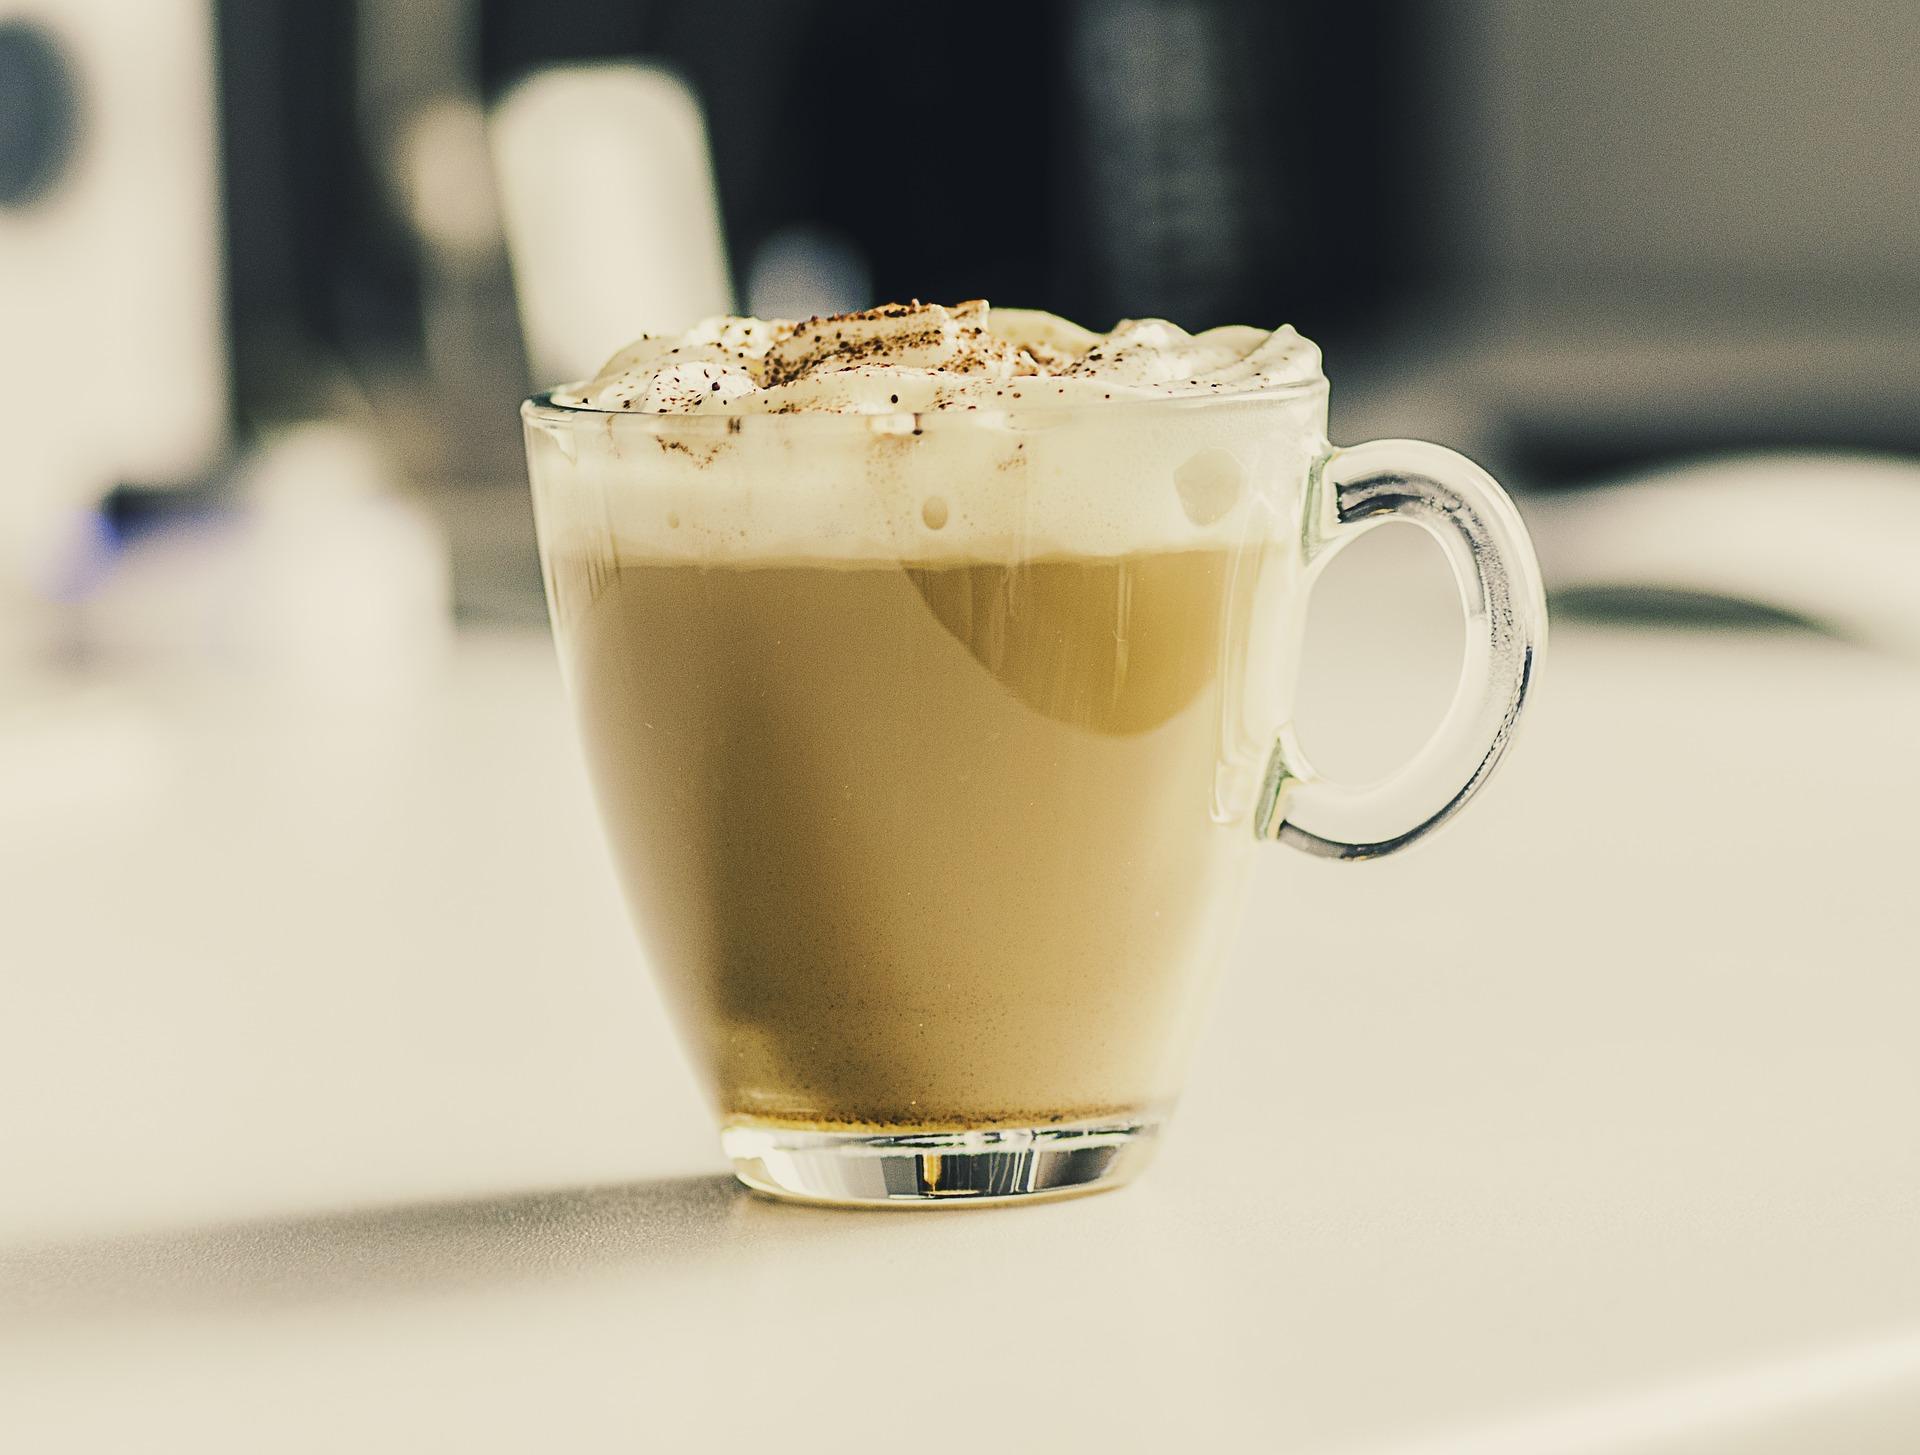 Choisir les meilleures boissons chaudes cet hiver